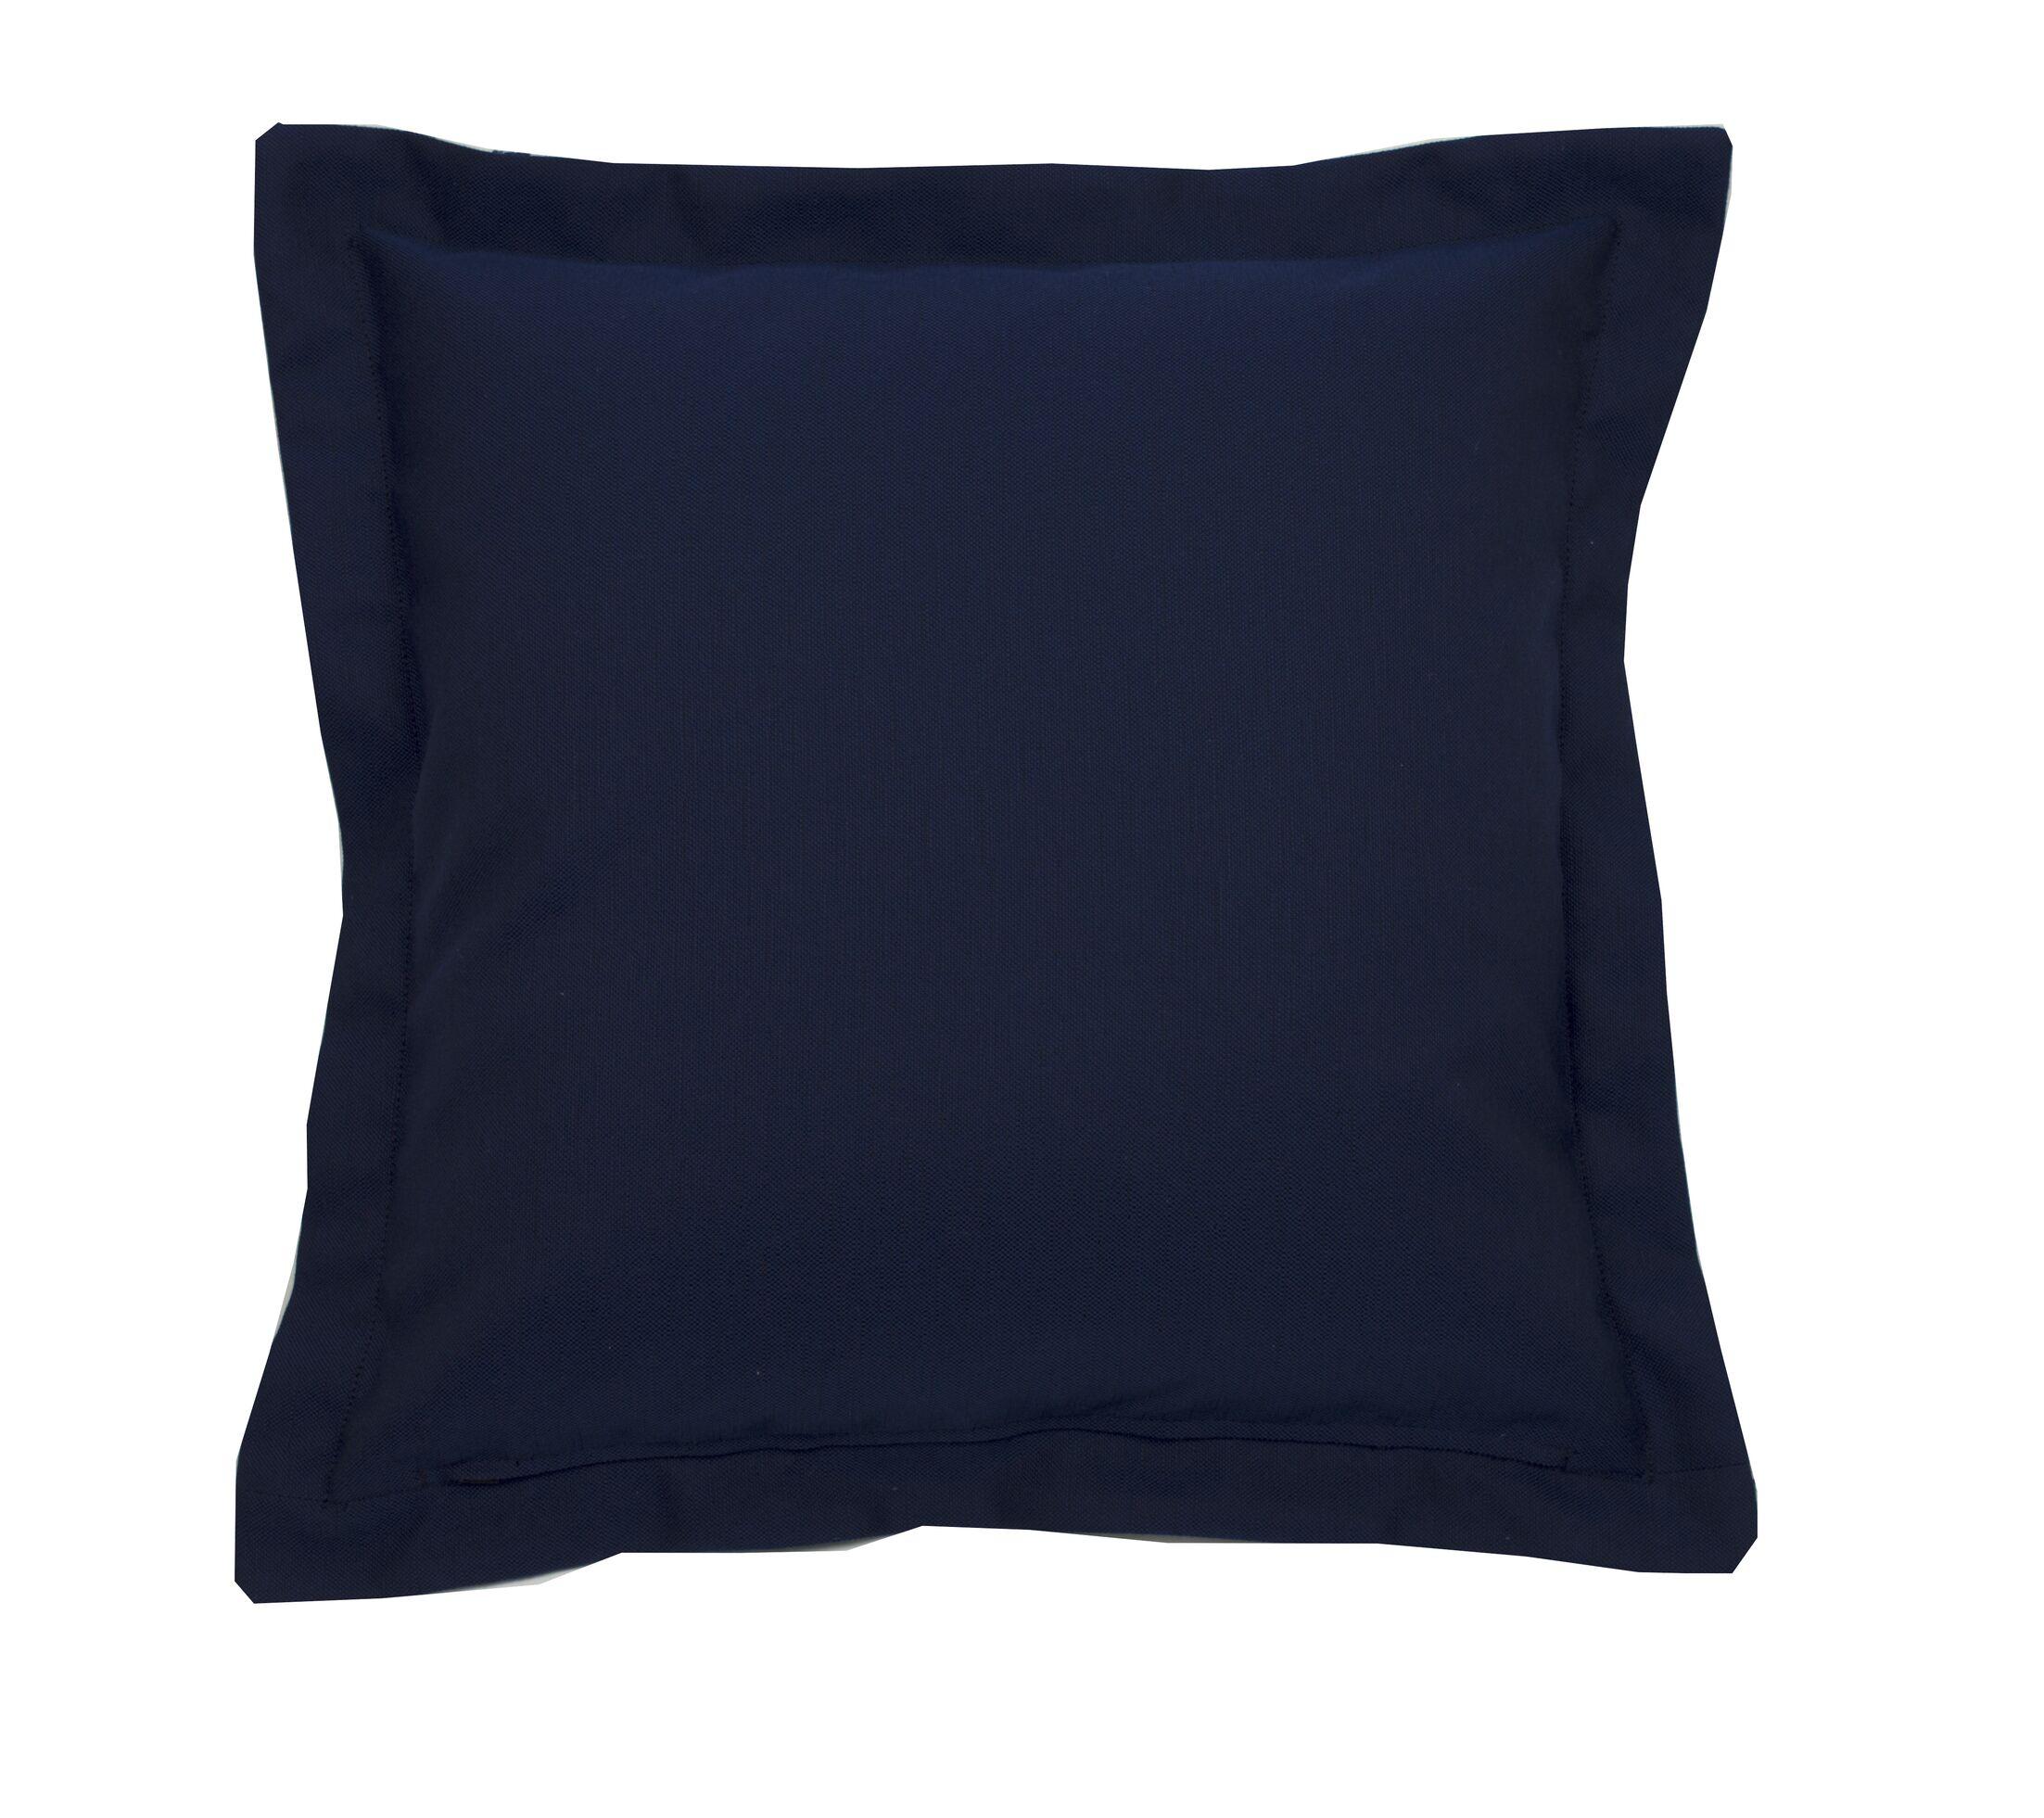 Linen Indoor/Outdoor Throw Pillow (Set of 2) Size: 17